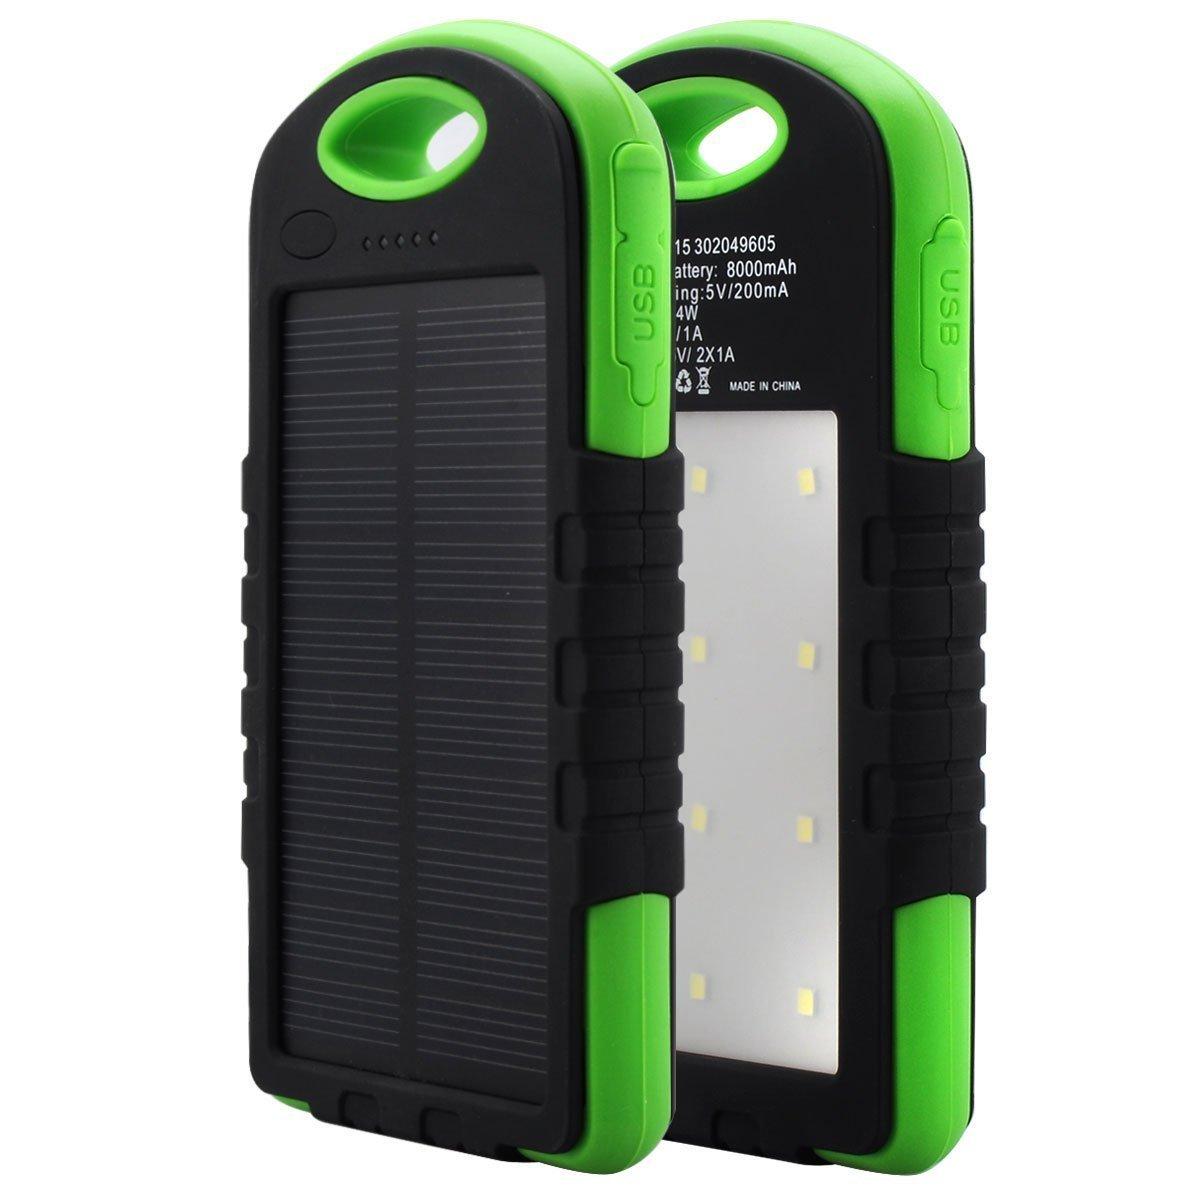 Купить Power bank 12000 mAh Solar, (5V/200mA), 2xUSB, 5V/1A/2.1A, USB  microUSB, влаго/ударо защищеный прорезиненный корпус, Black/Blue, Corton BOX